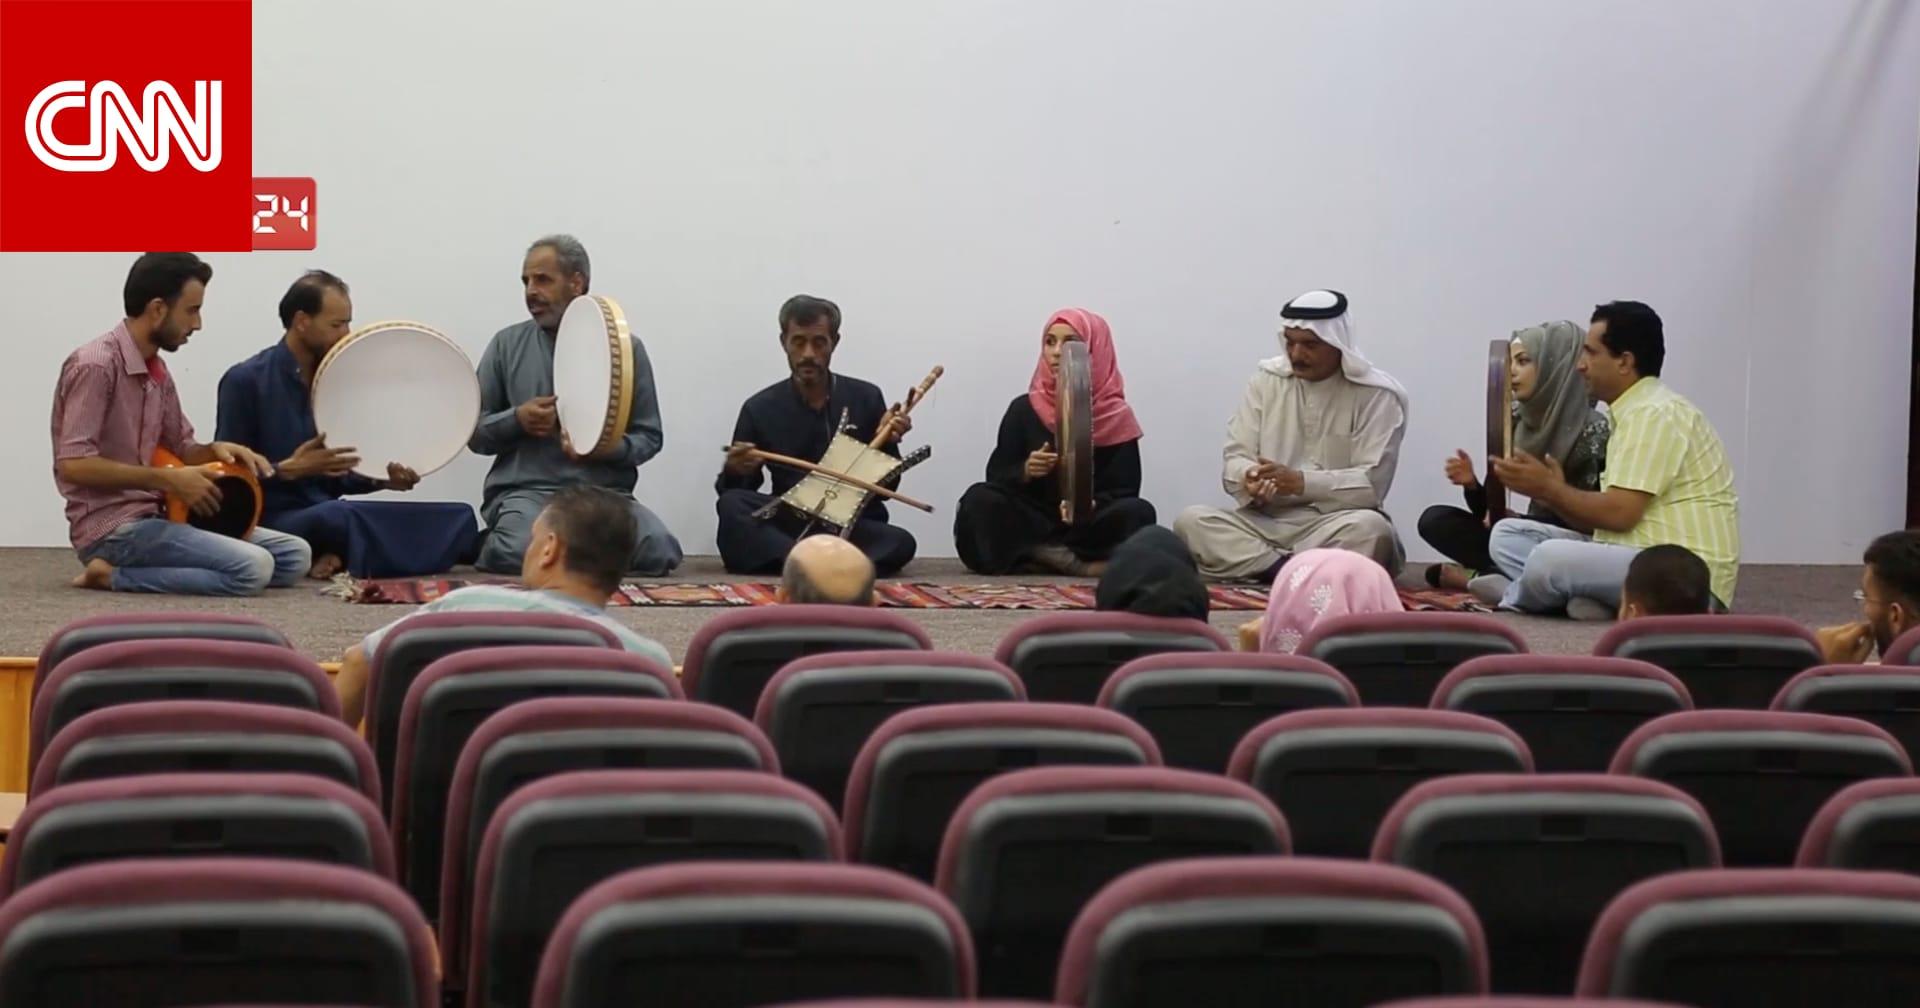 فرقة الرقة التراثية تستعيد نشاطها بعد طرد تنظيم داعش